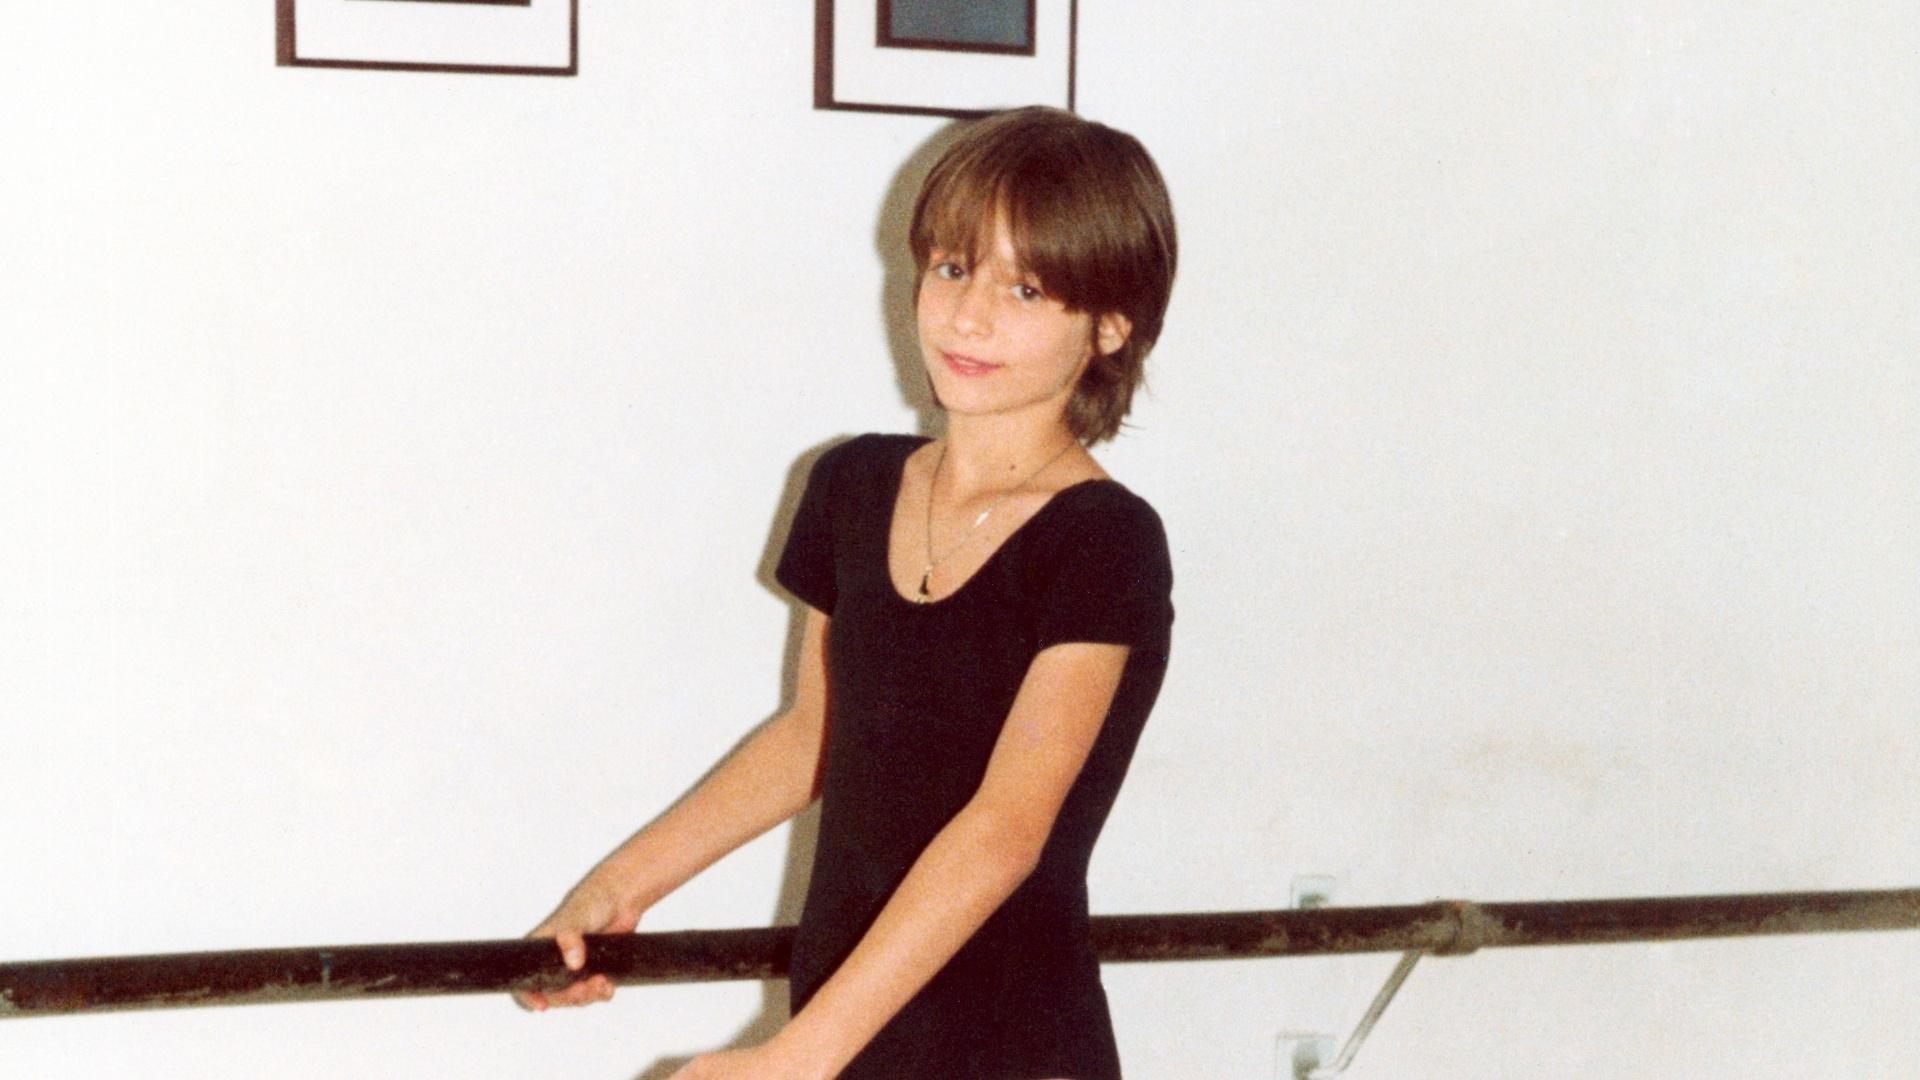 Luciana Vendramini aos 11 anos. A futura atriz passou a dar aulas anos mais tarde e foi chamada por Xuxa para se tornar paquita